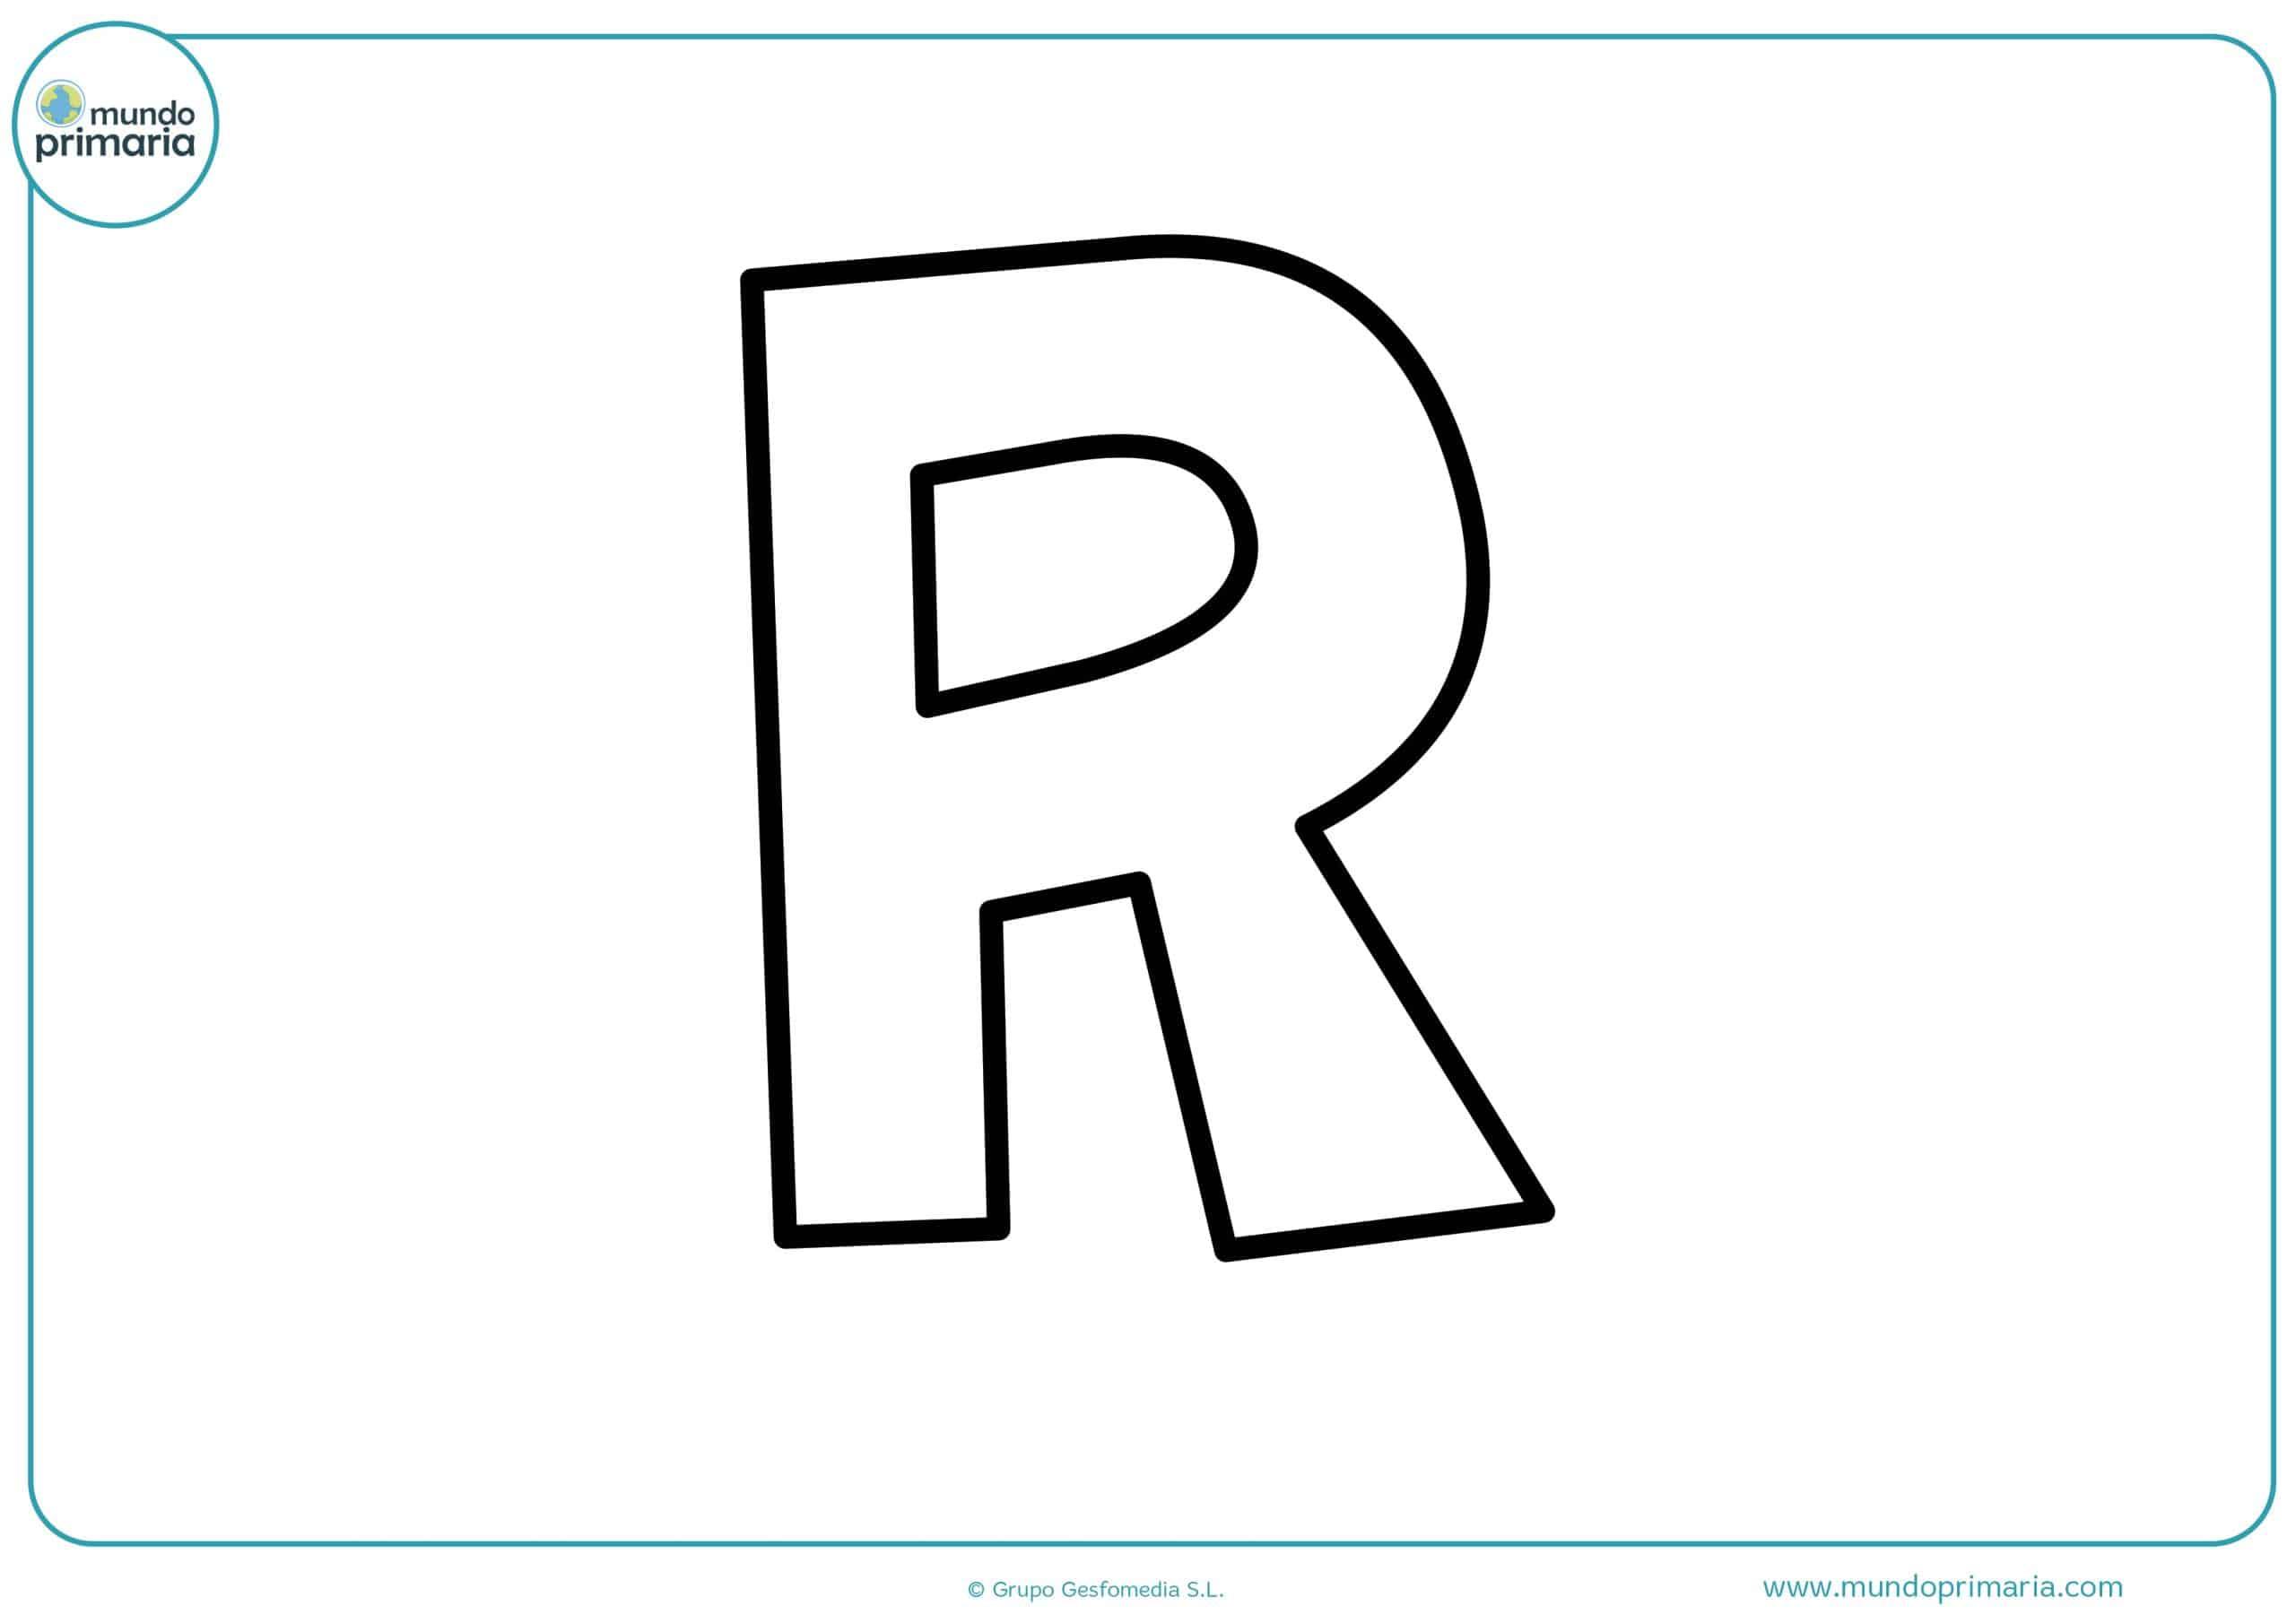 Letras para Colorear, dibujos del abecedario